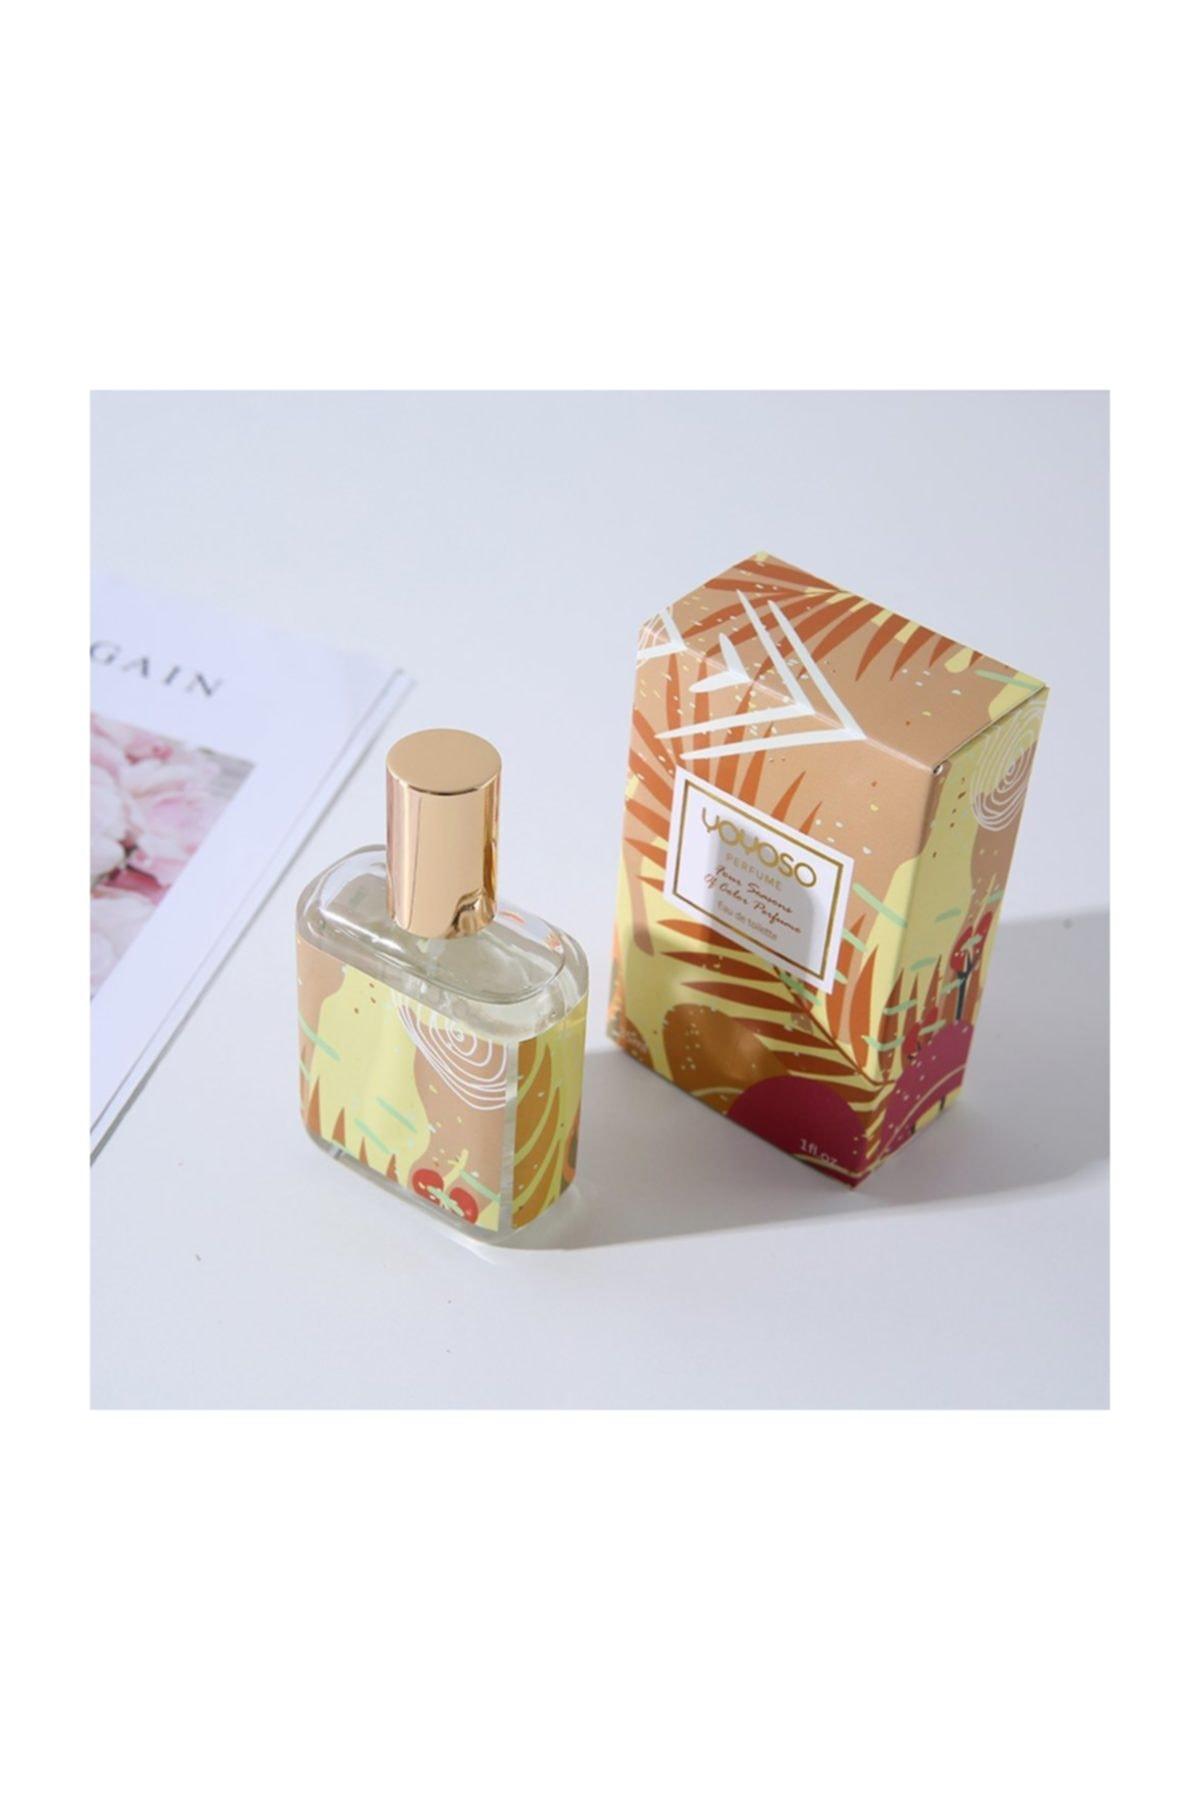 YOYOSO Four Season Kadın Parfüm 20 ml 1